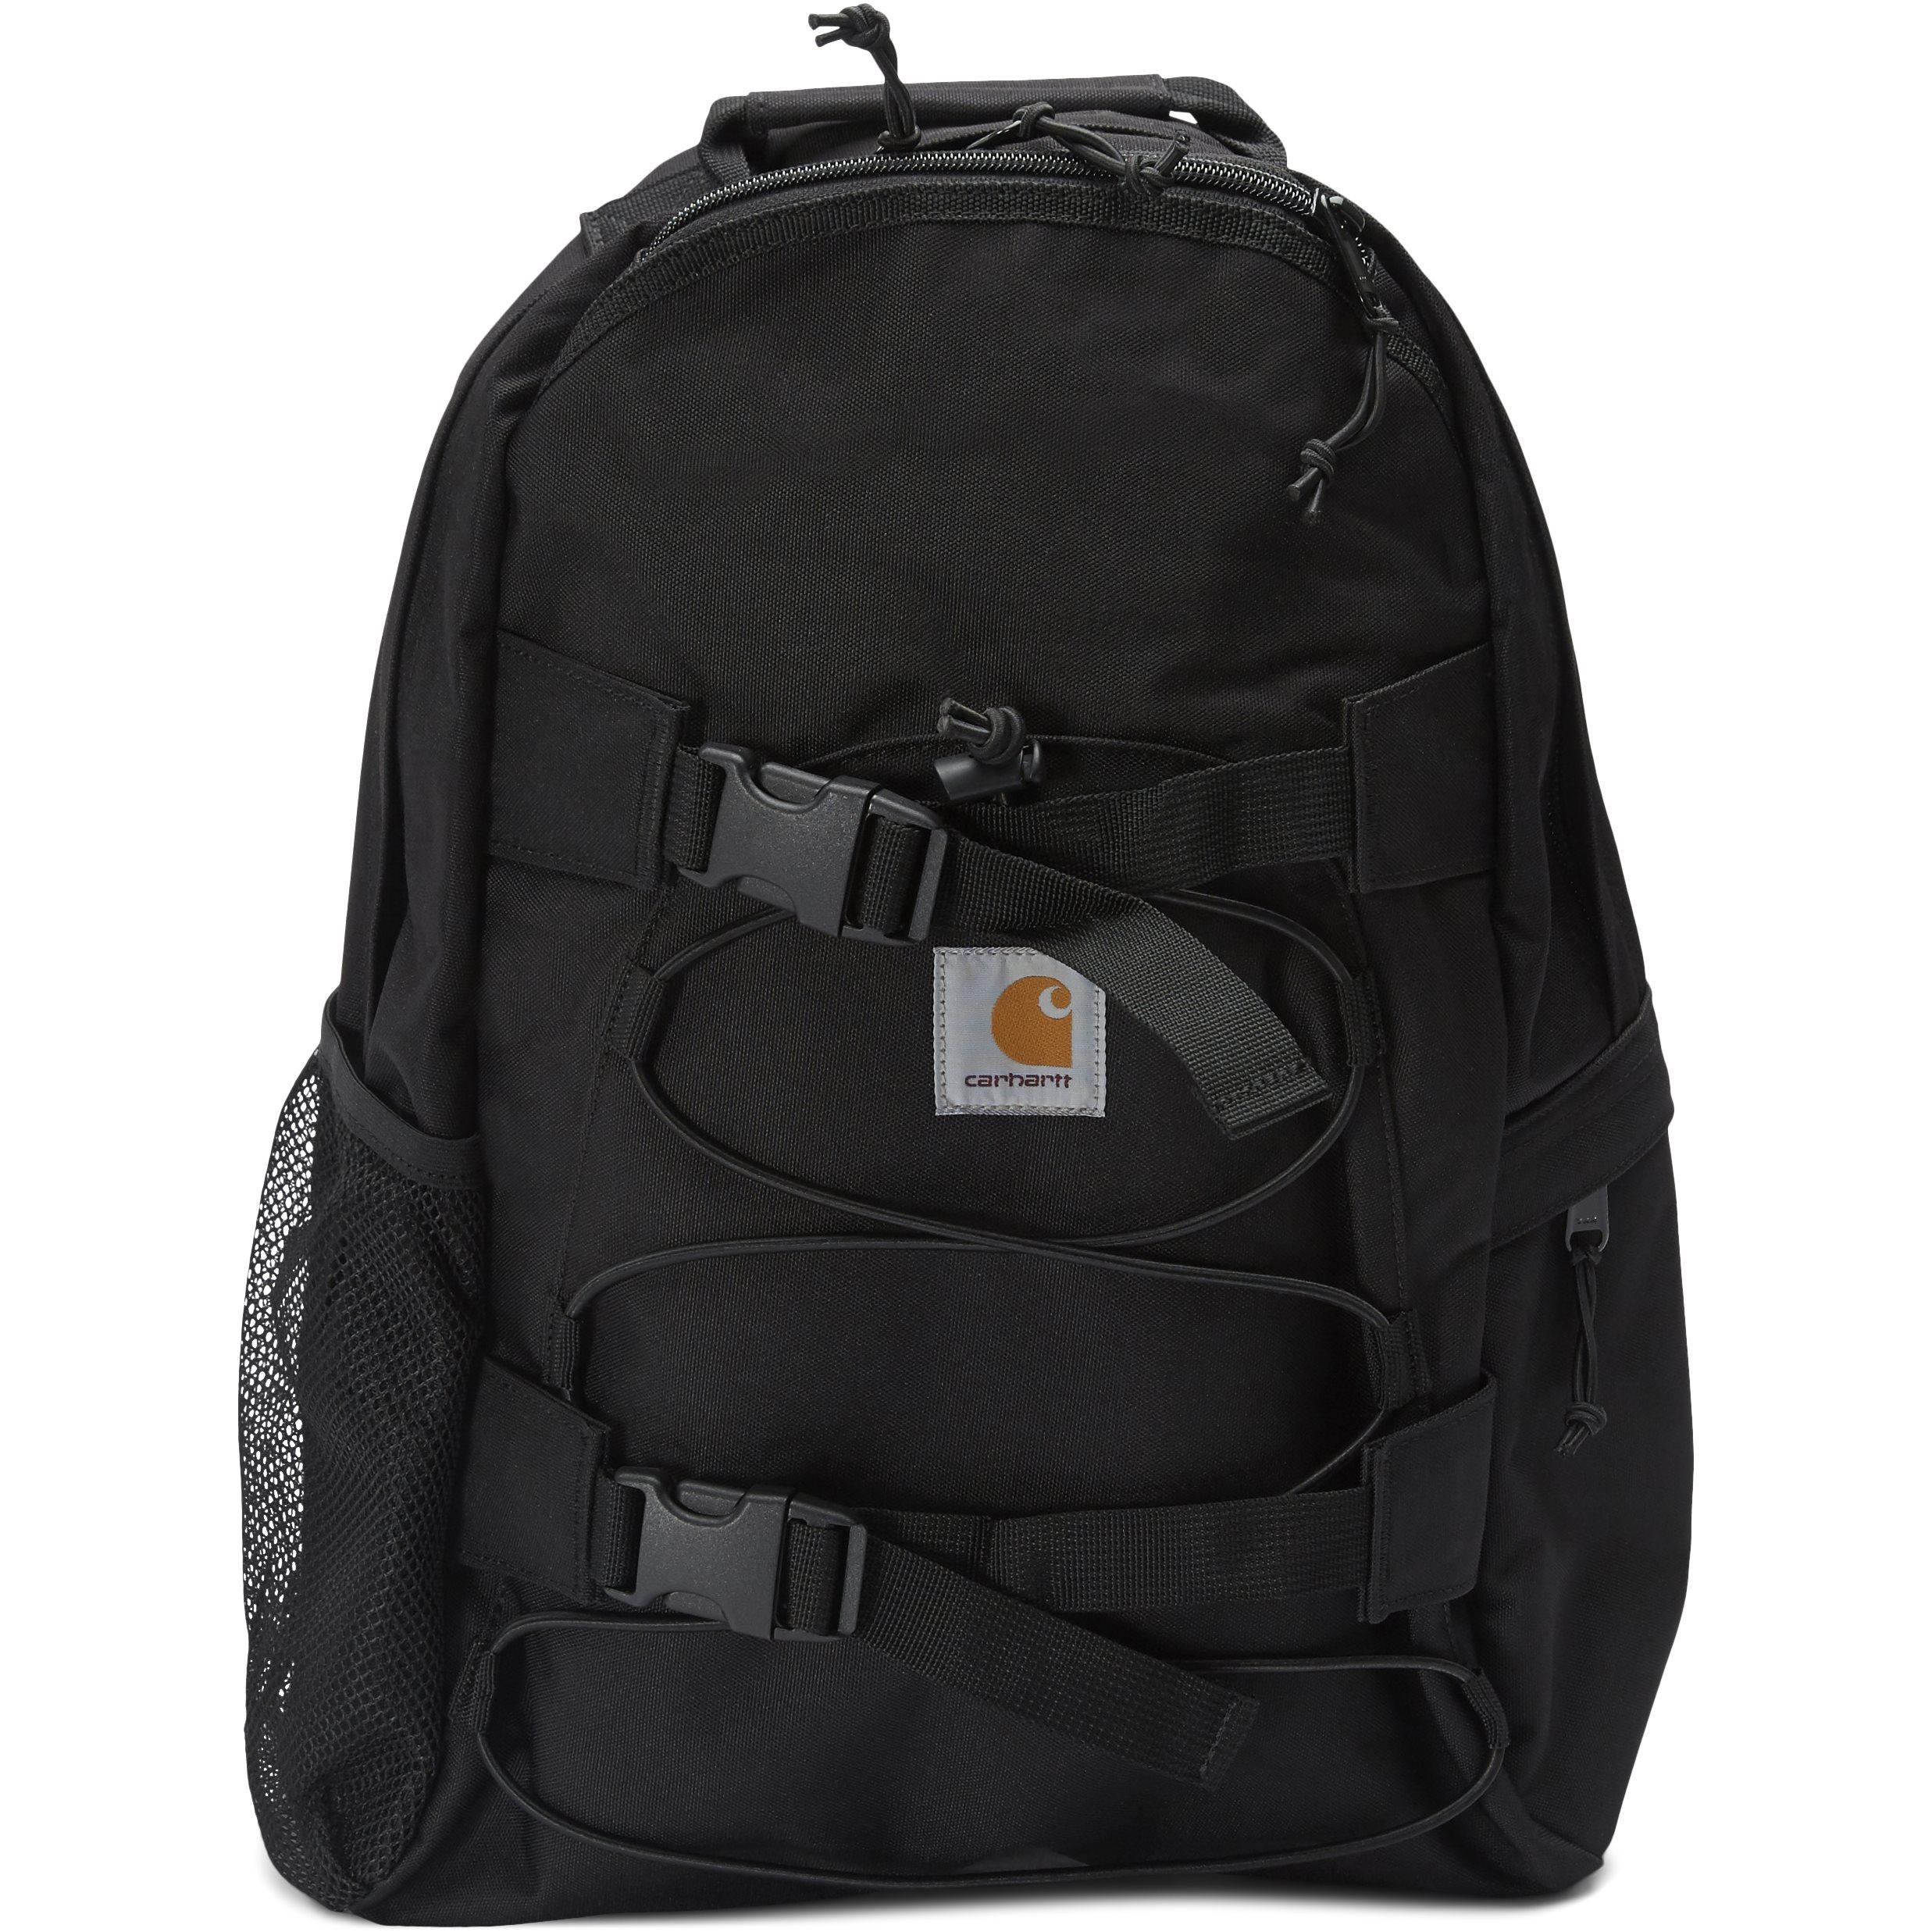 Kickflip Backpack - Tasker - Sort